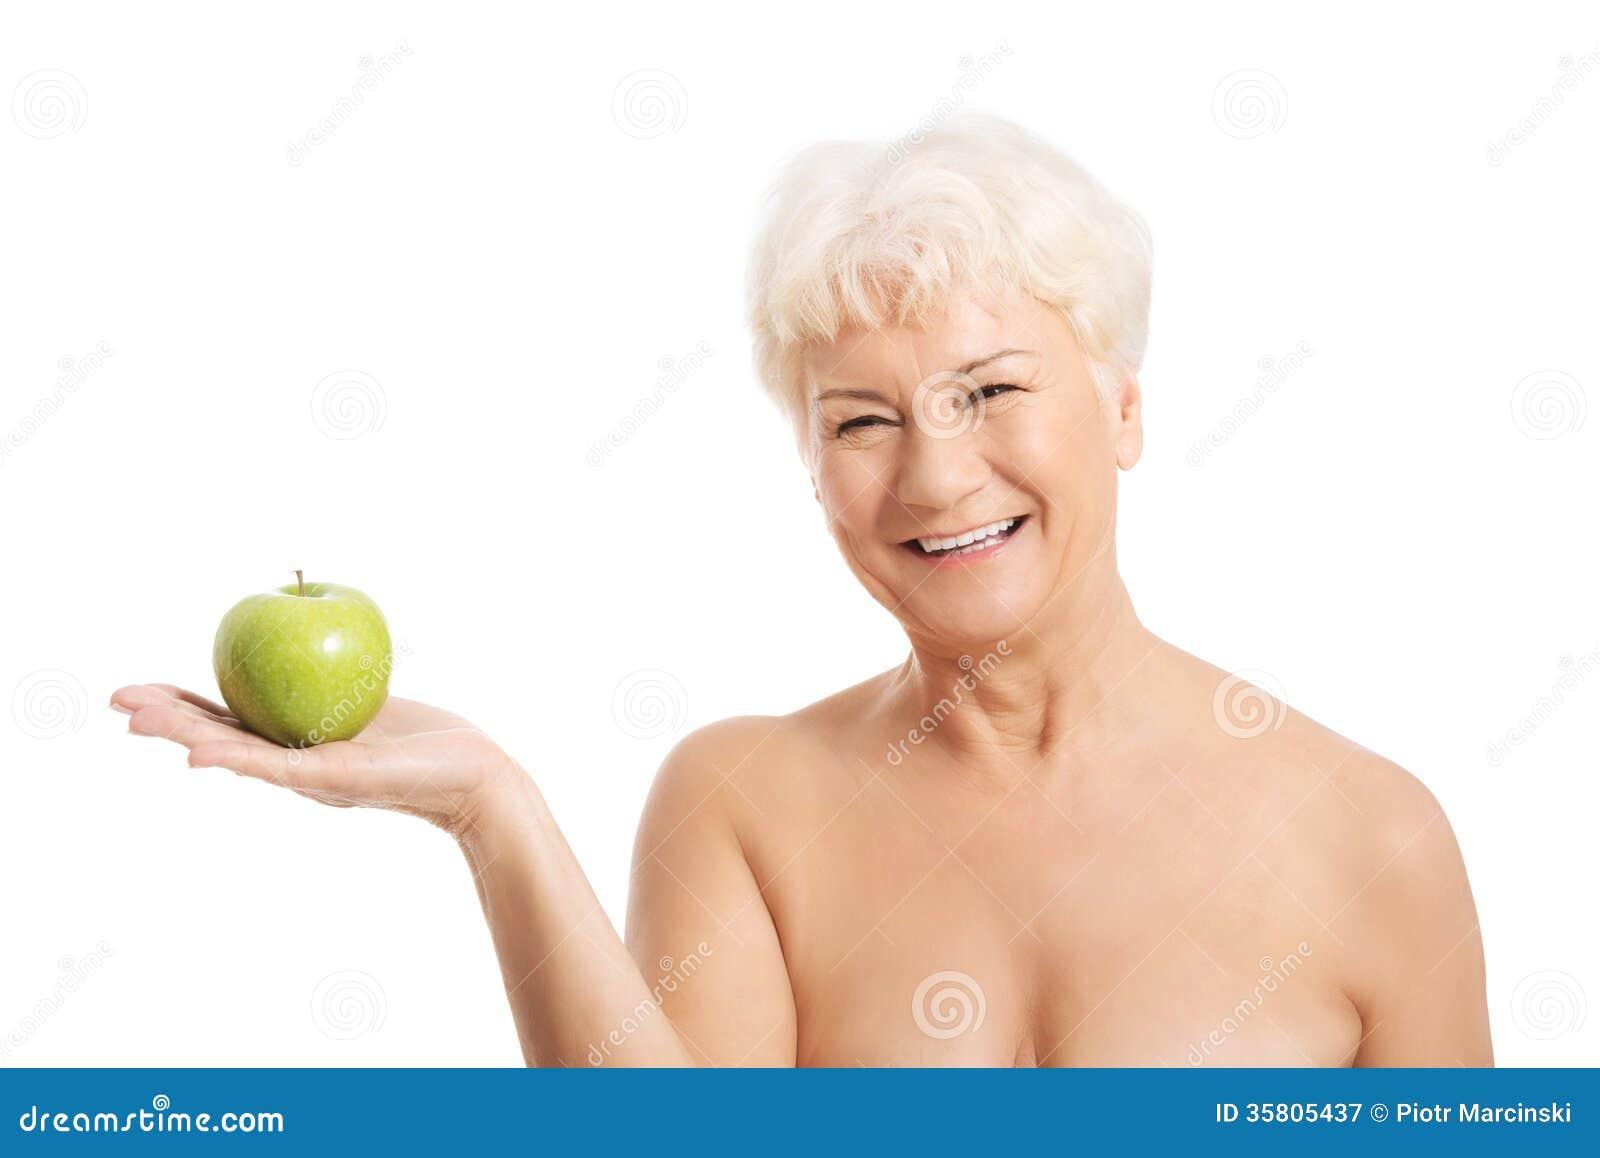 Тело старой женщины 11 фотография